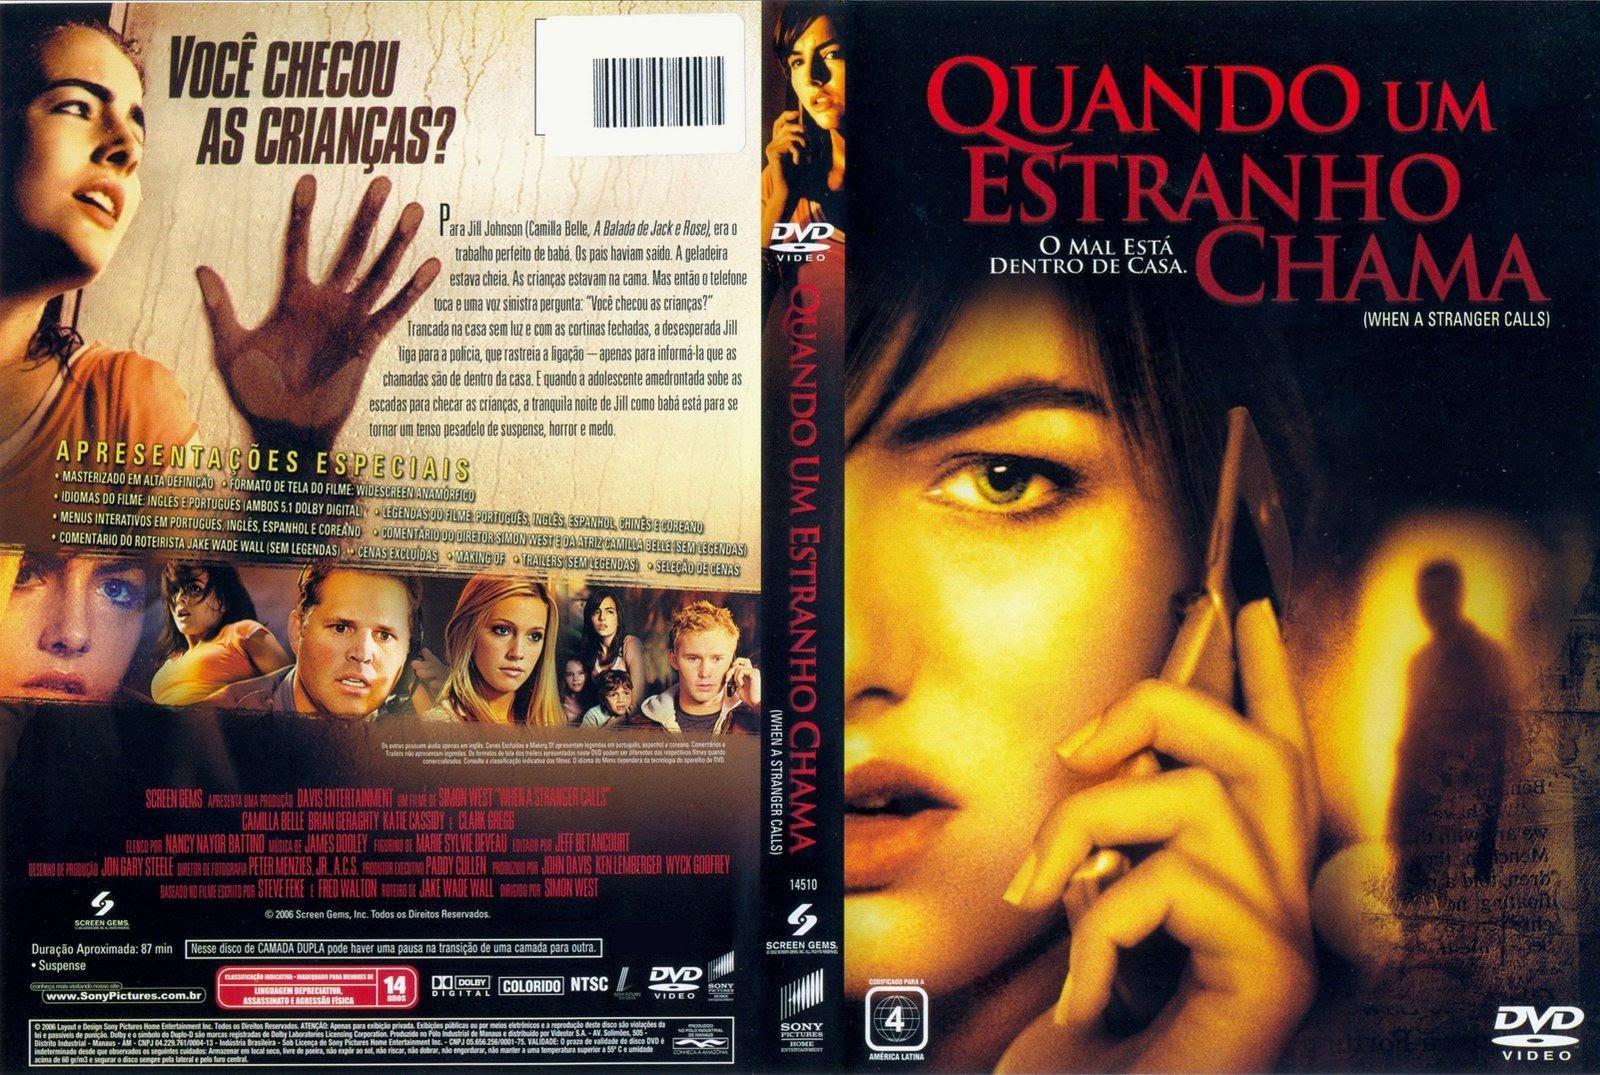 Quando Um Estranho Chama DVD Capa